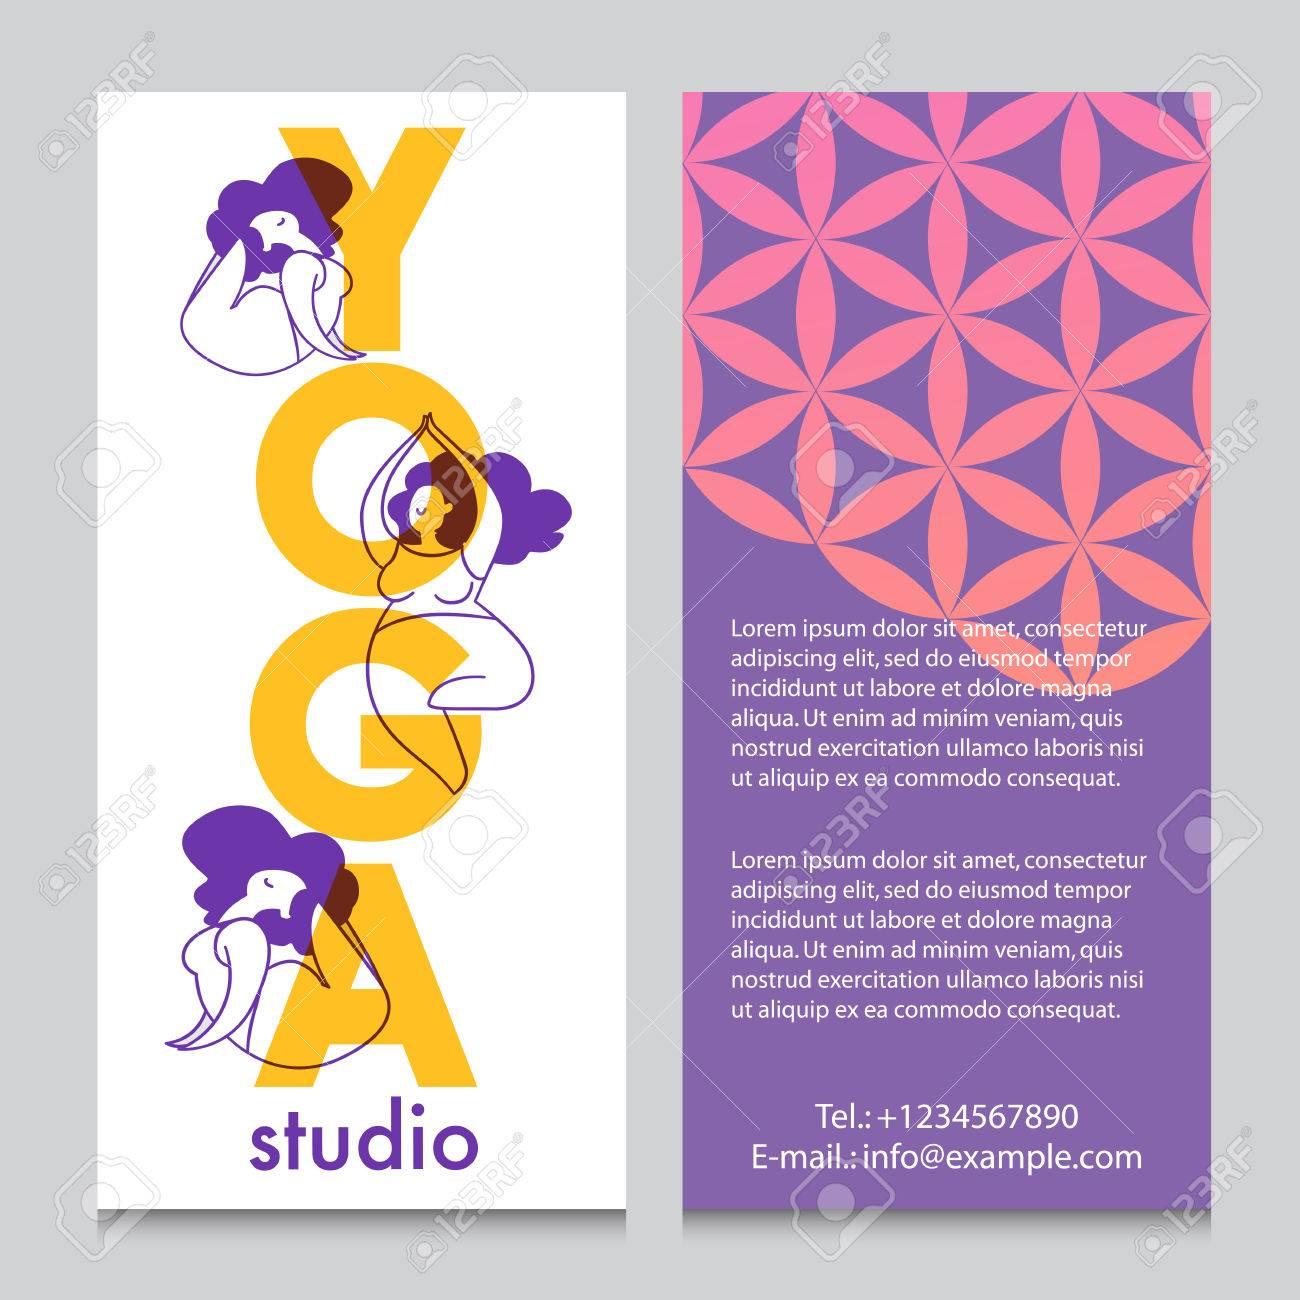 Banner O Flyer Plantilla Para Retiro De Yoga O Estudio De Yoga, Flor ...